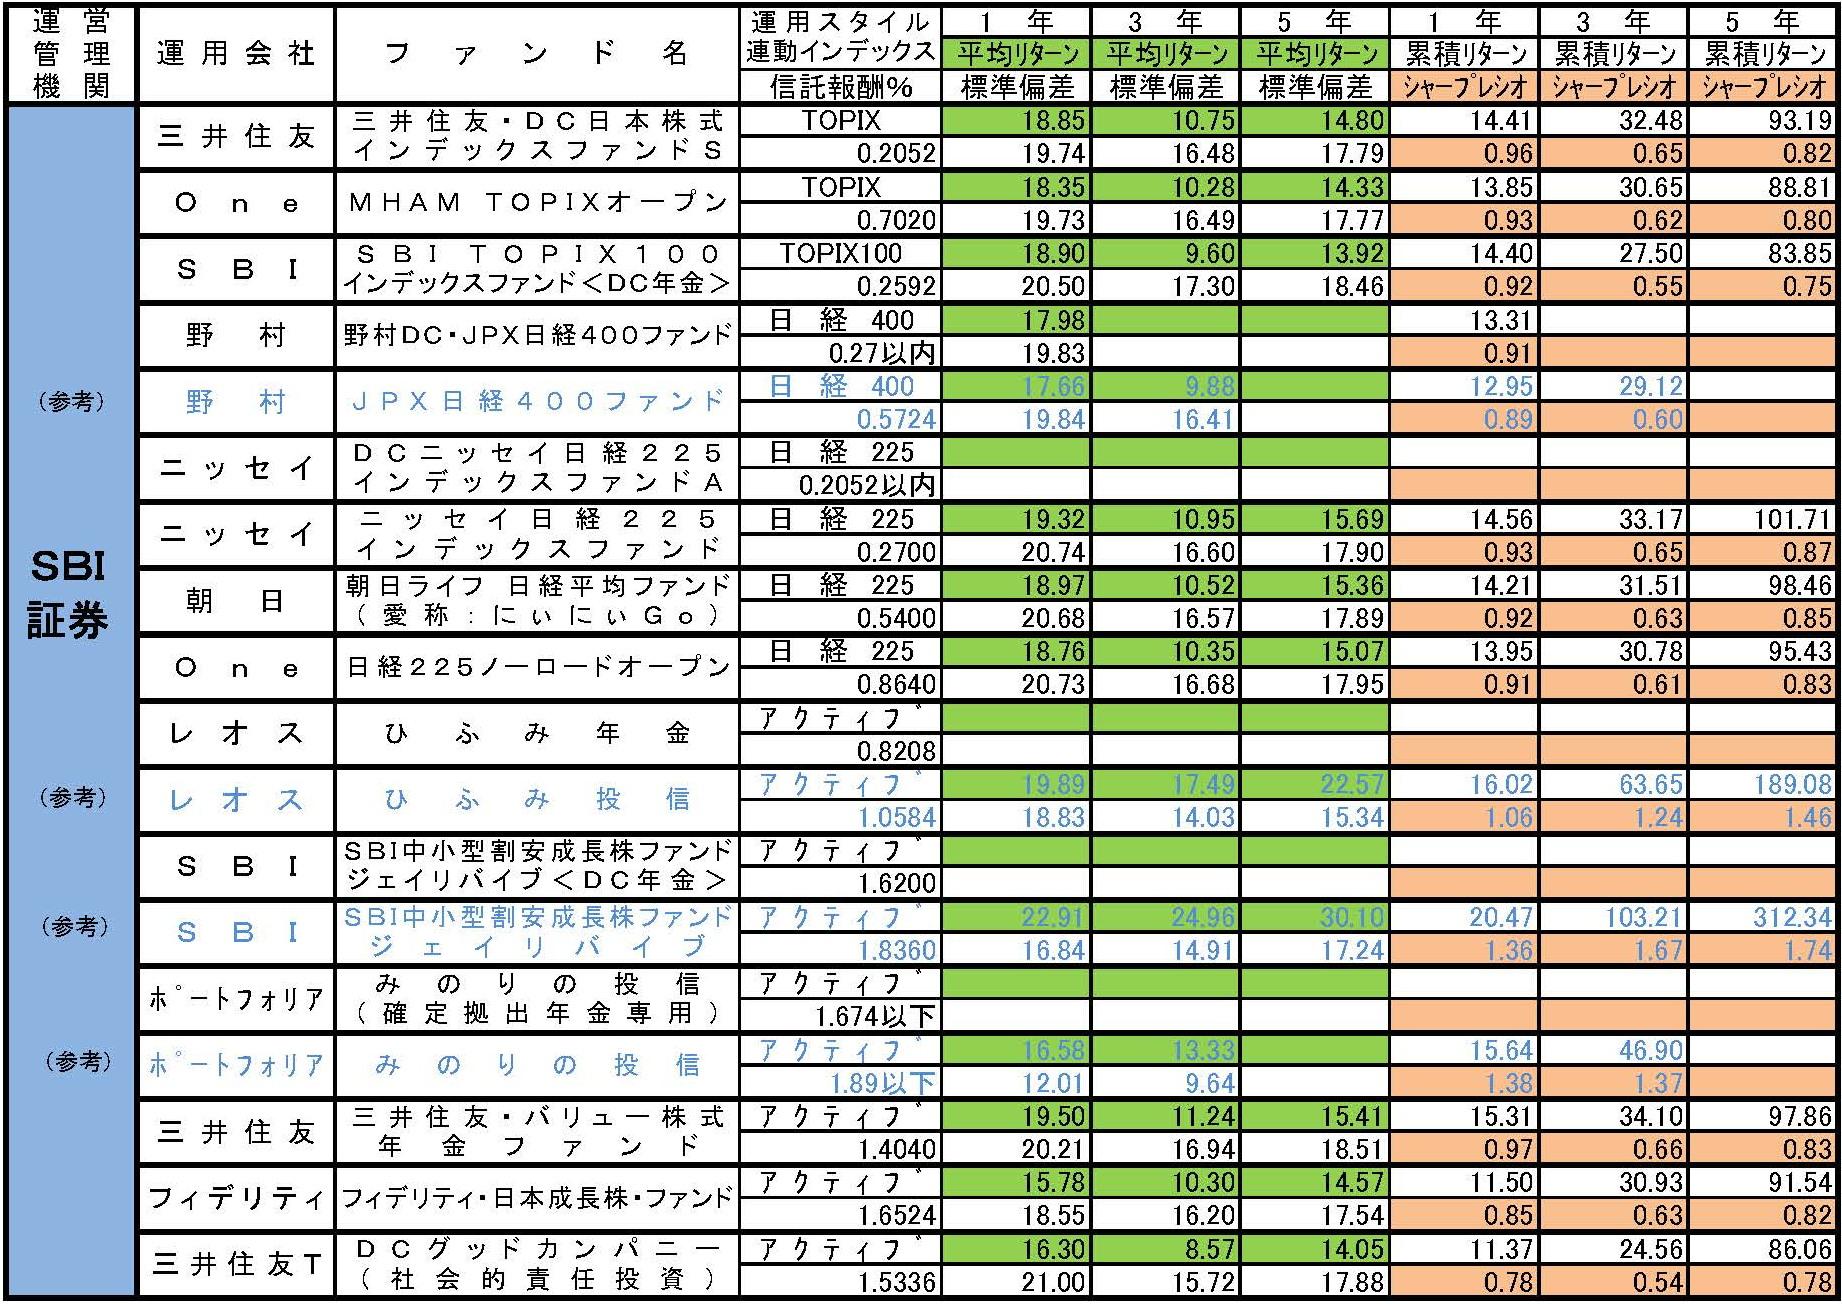 日本株_ページ_1